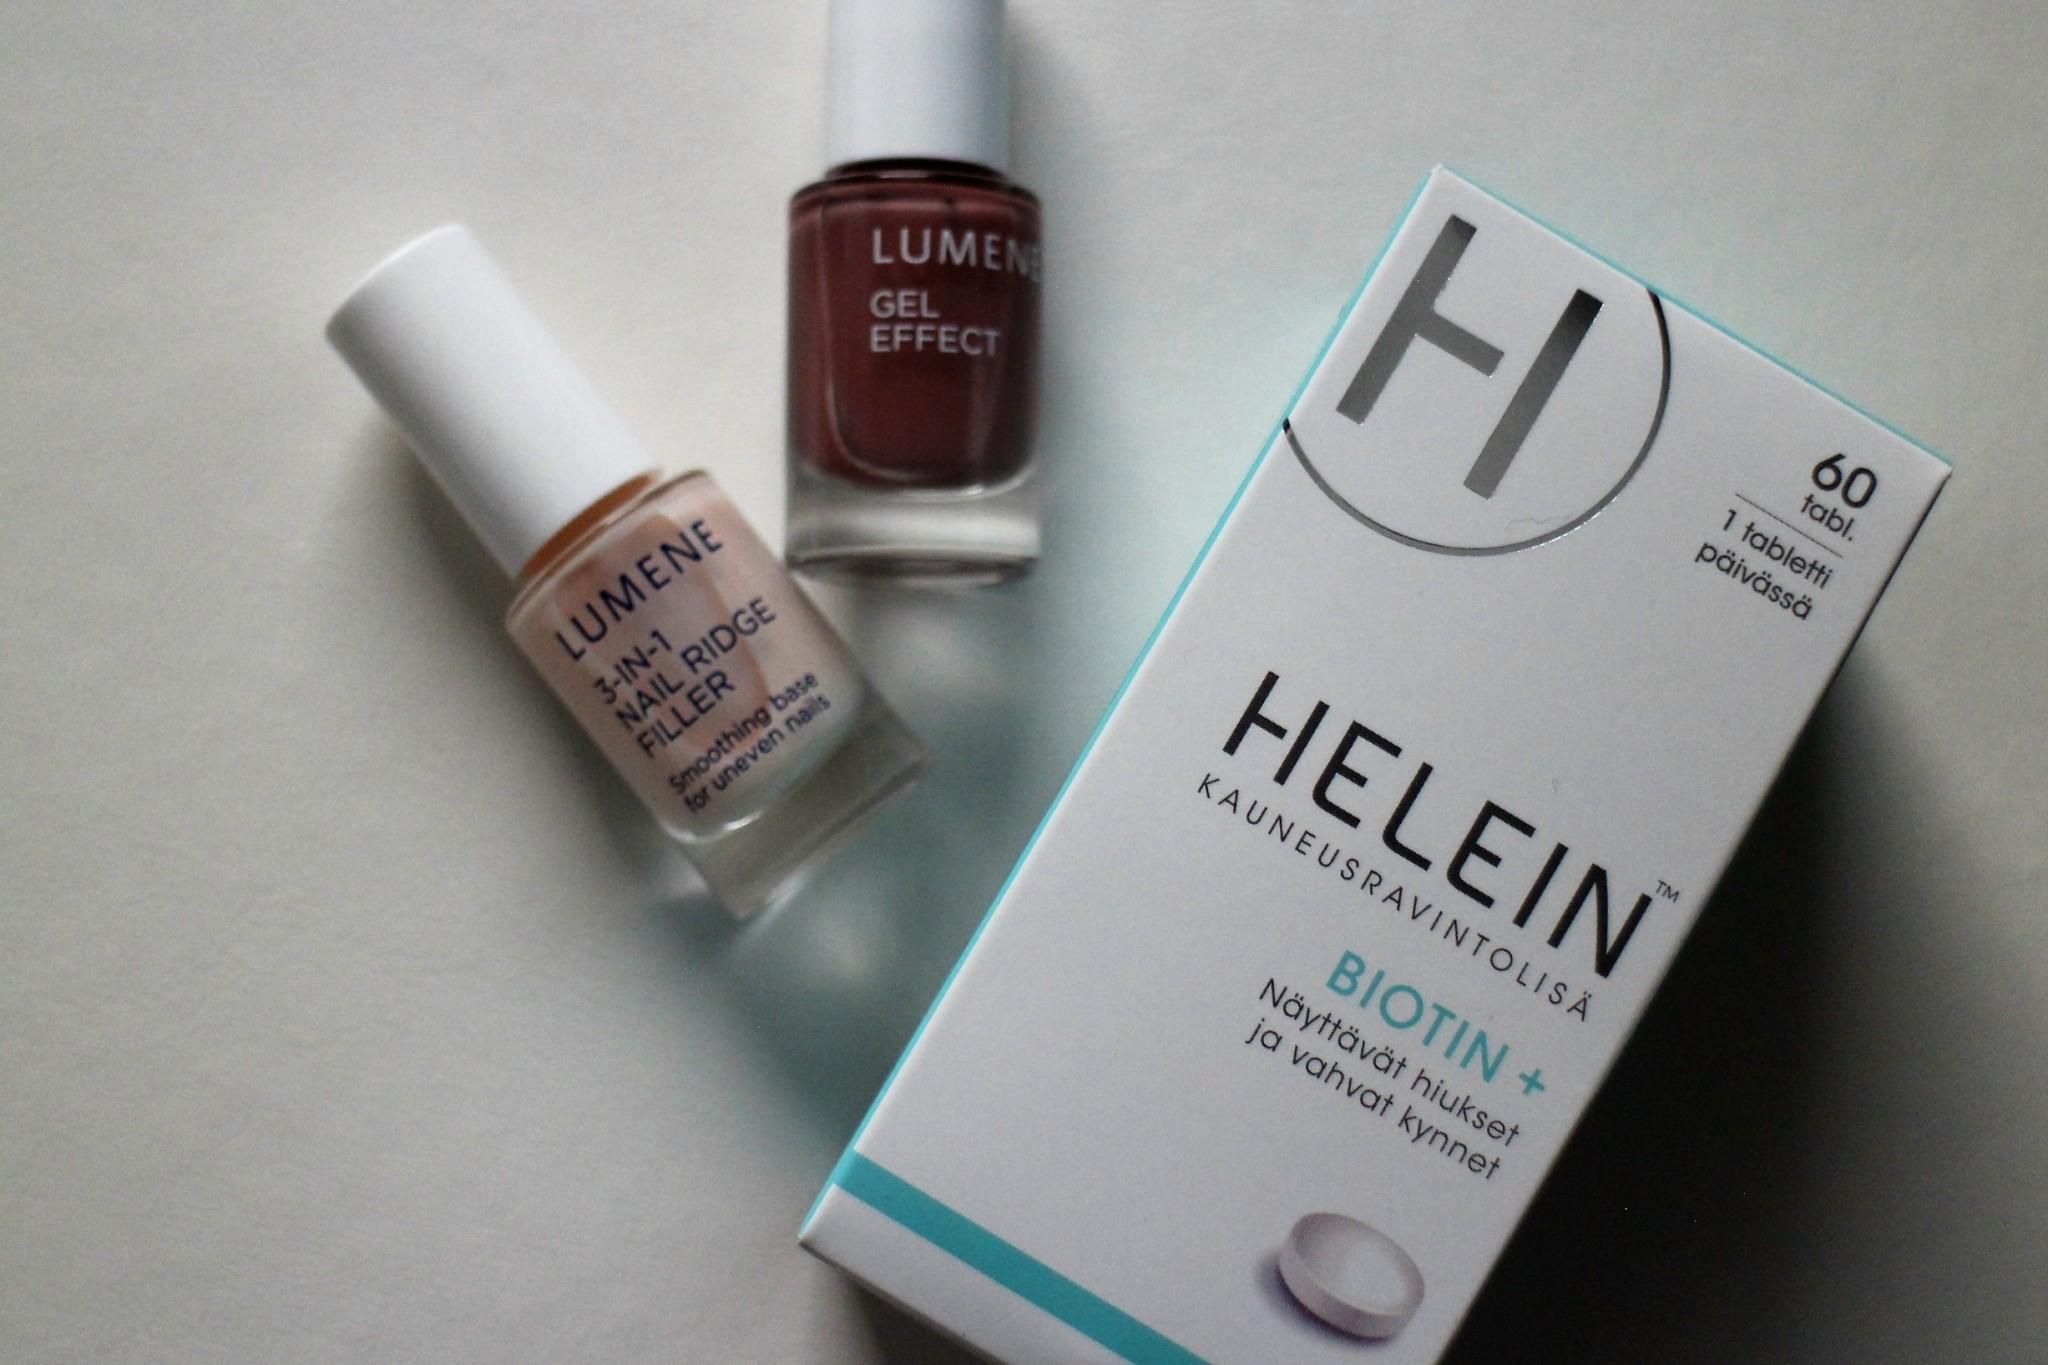 Helein Biotin+: Vahvemmat kynnet ja hiukset, totta vai tarua? - Passionate Traveller